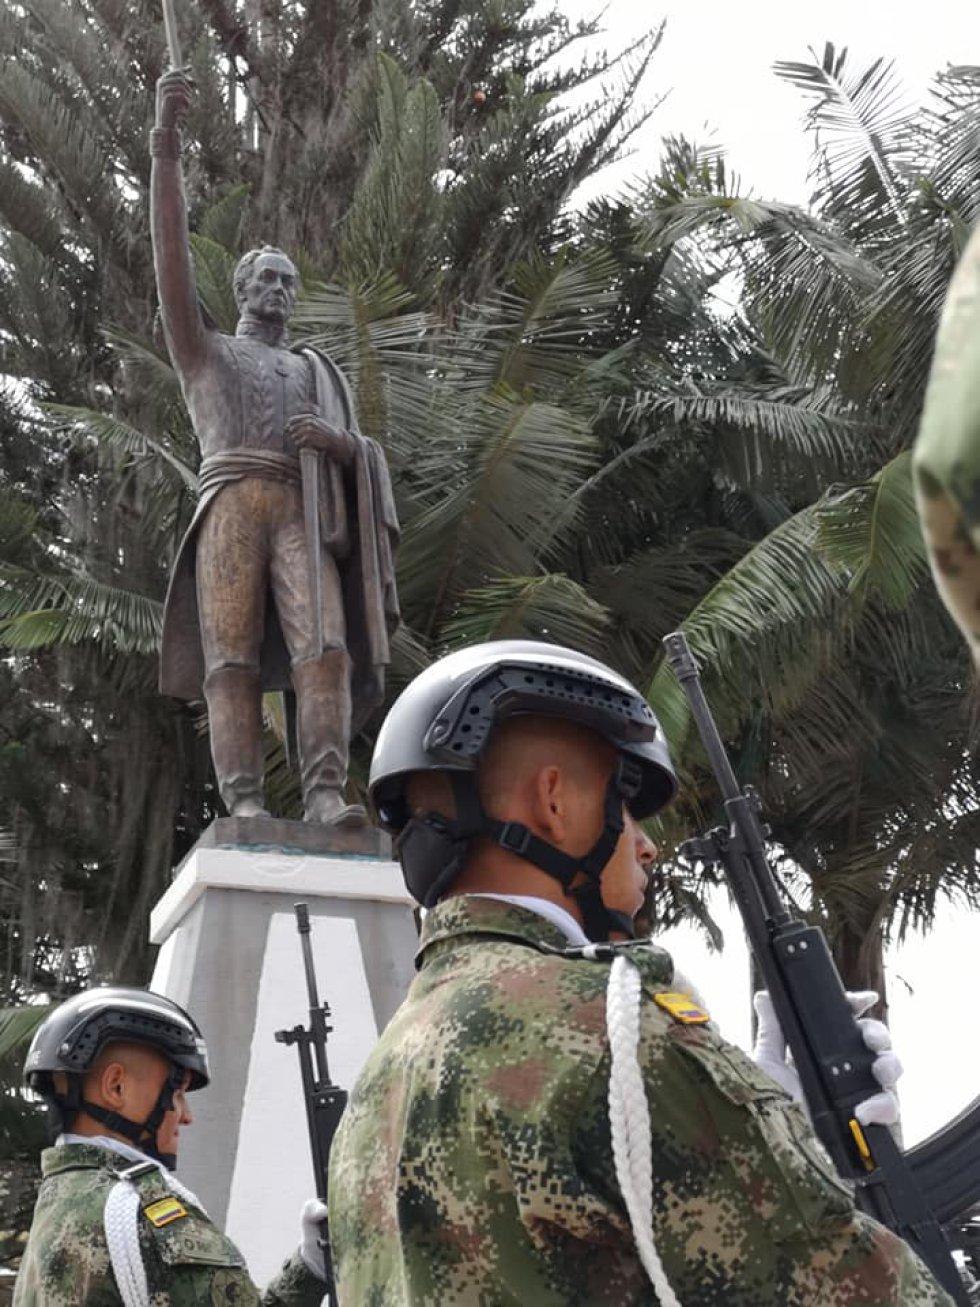 Las autoridades políticas, administrativas y militares del Quindío participaron de los actos protocolarios en el que se honró la memoria de los próceres de la patria como Simón Bolívar que pasó por el municipio de Salento, Quindío